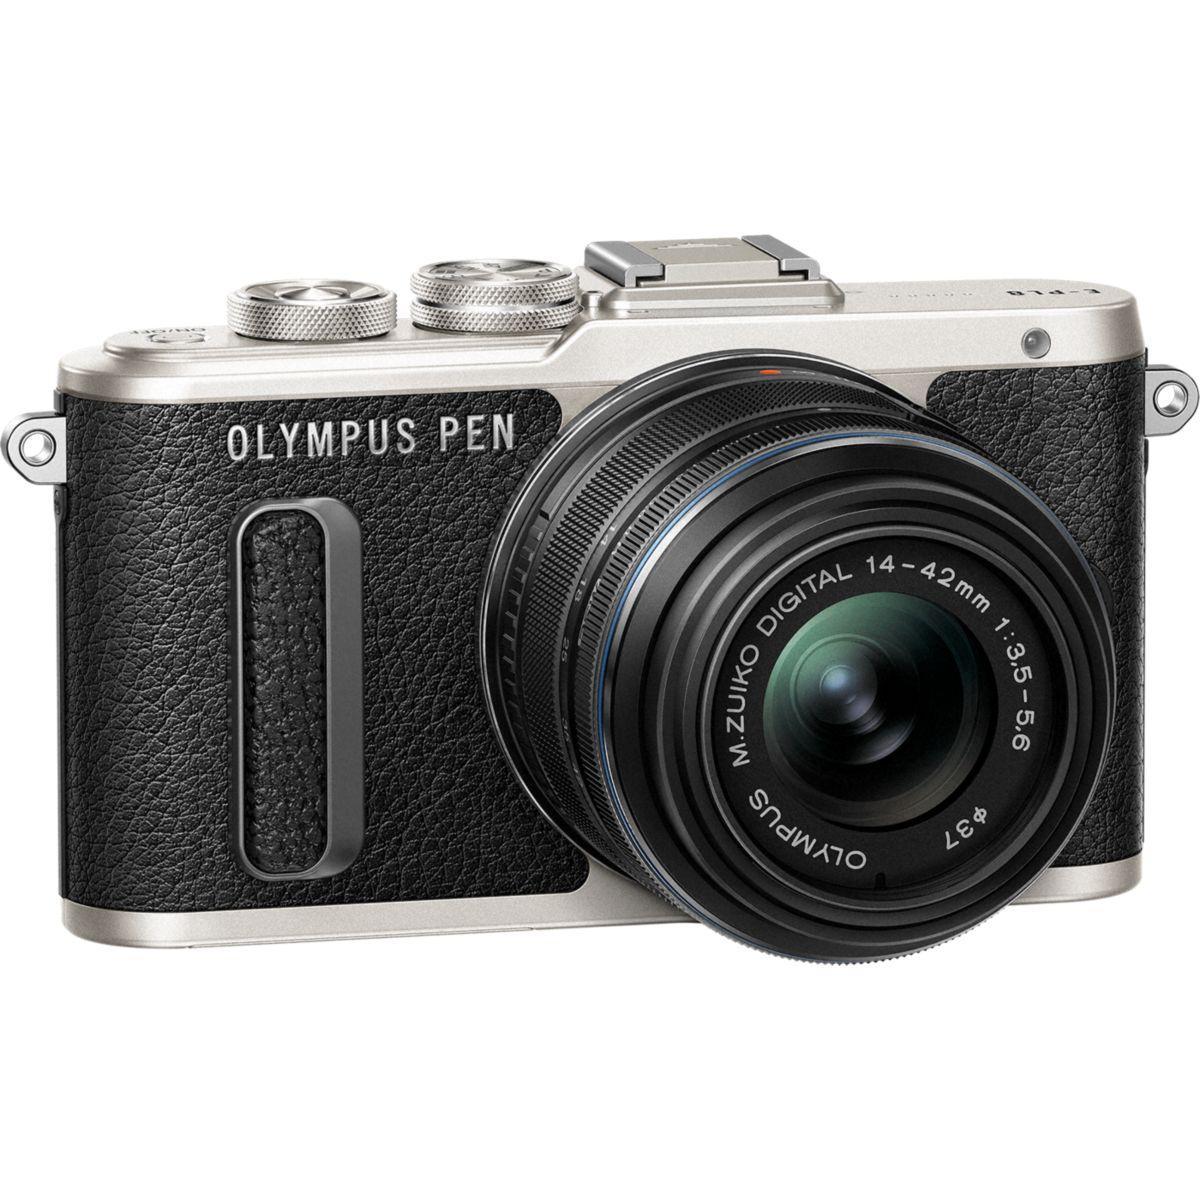 Apn olympus e-pl8 noir + 14-42pz noir - 10% de remise immédiate avec le code : multi10 (photo)